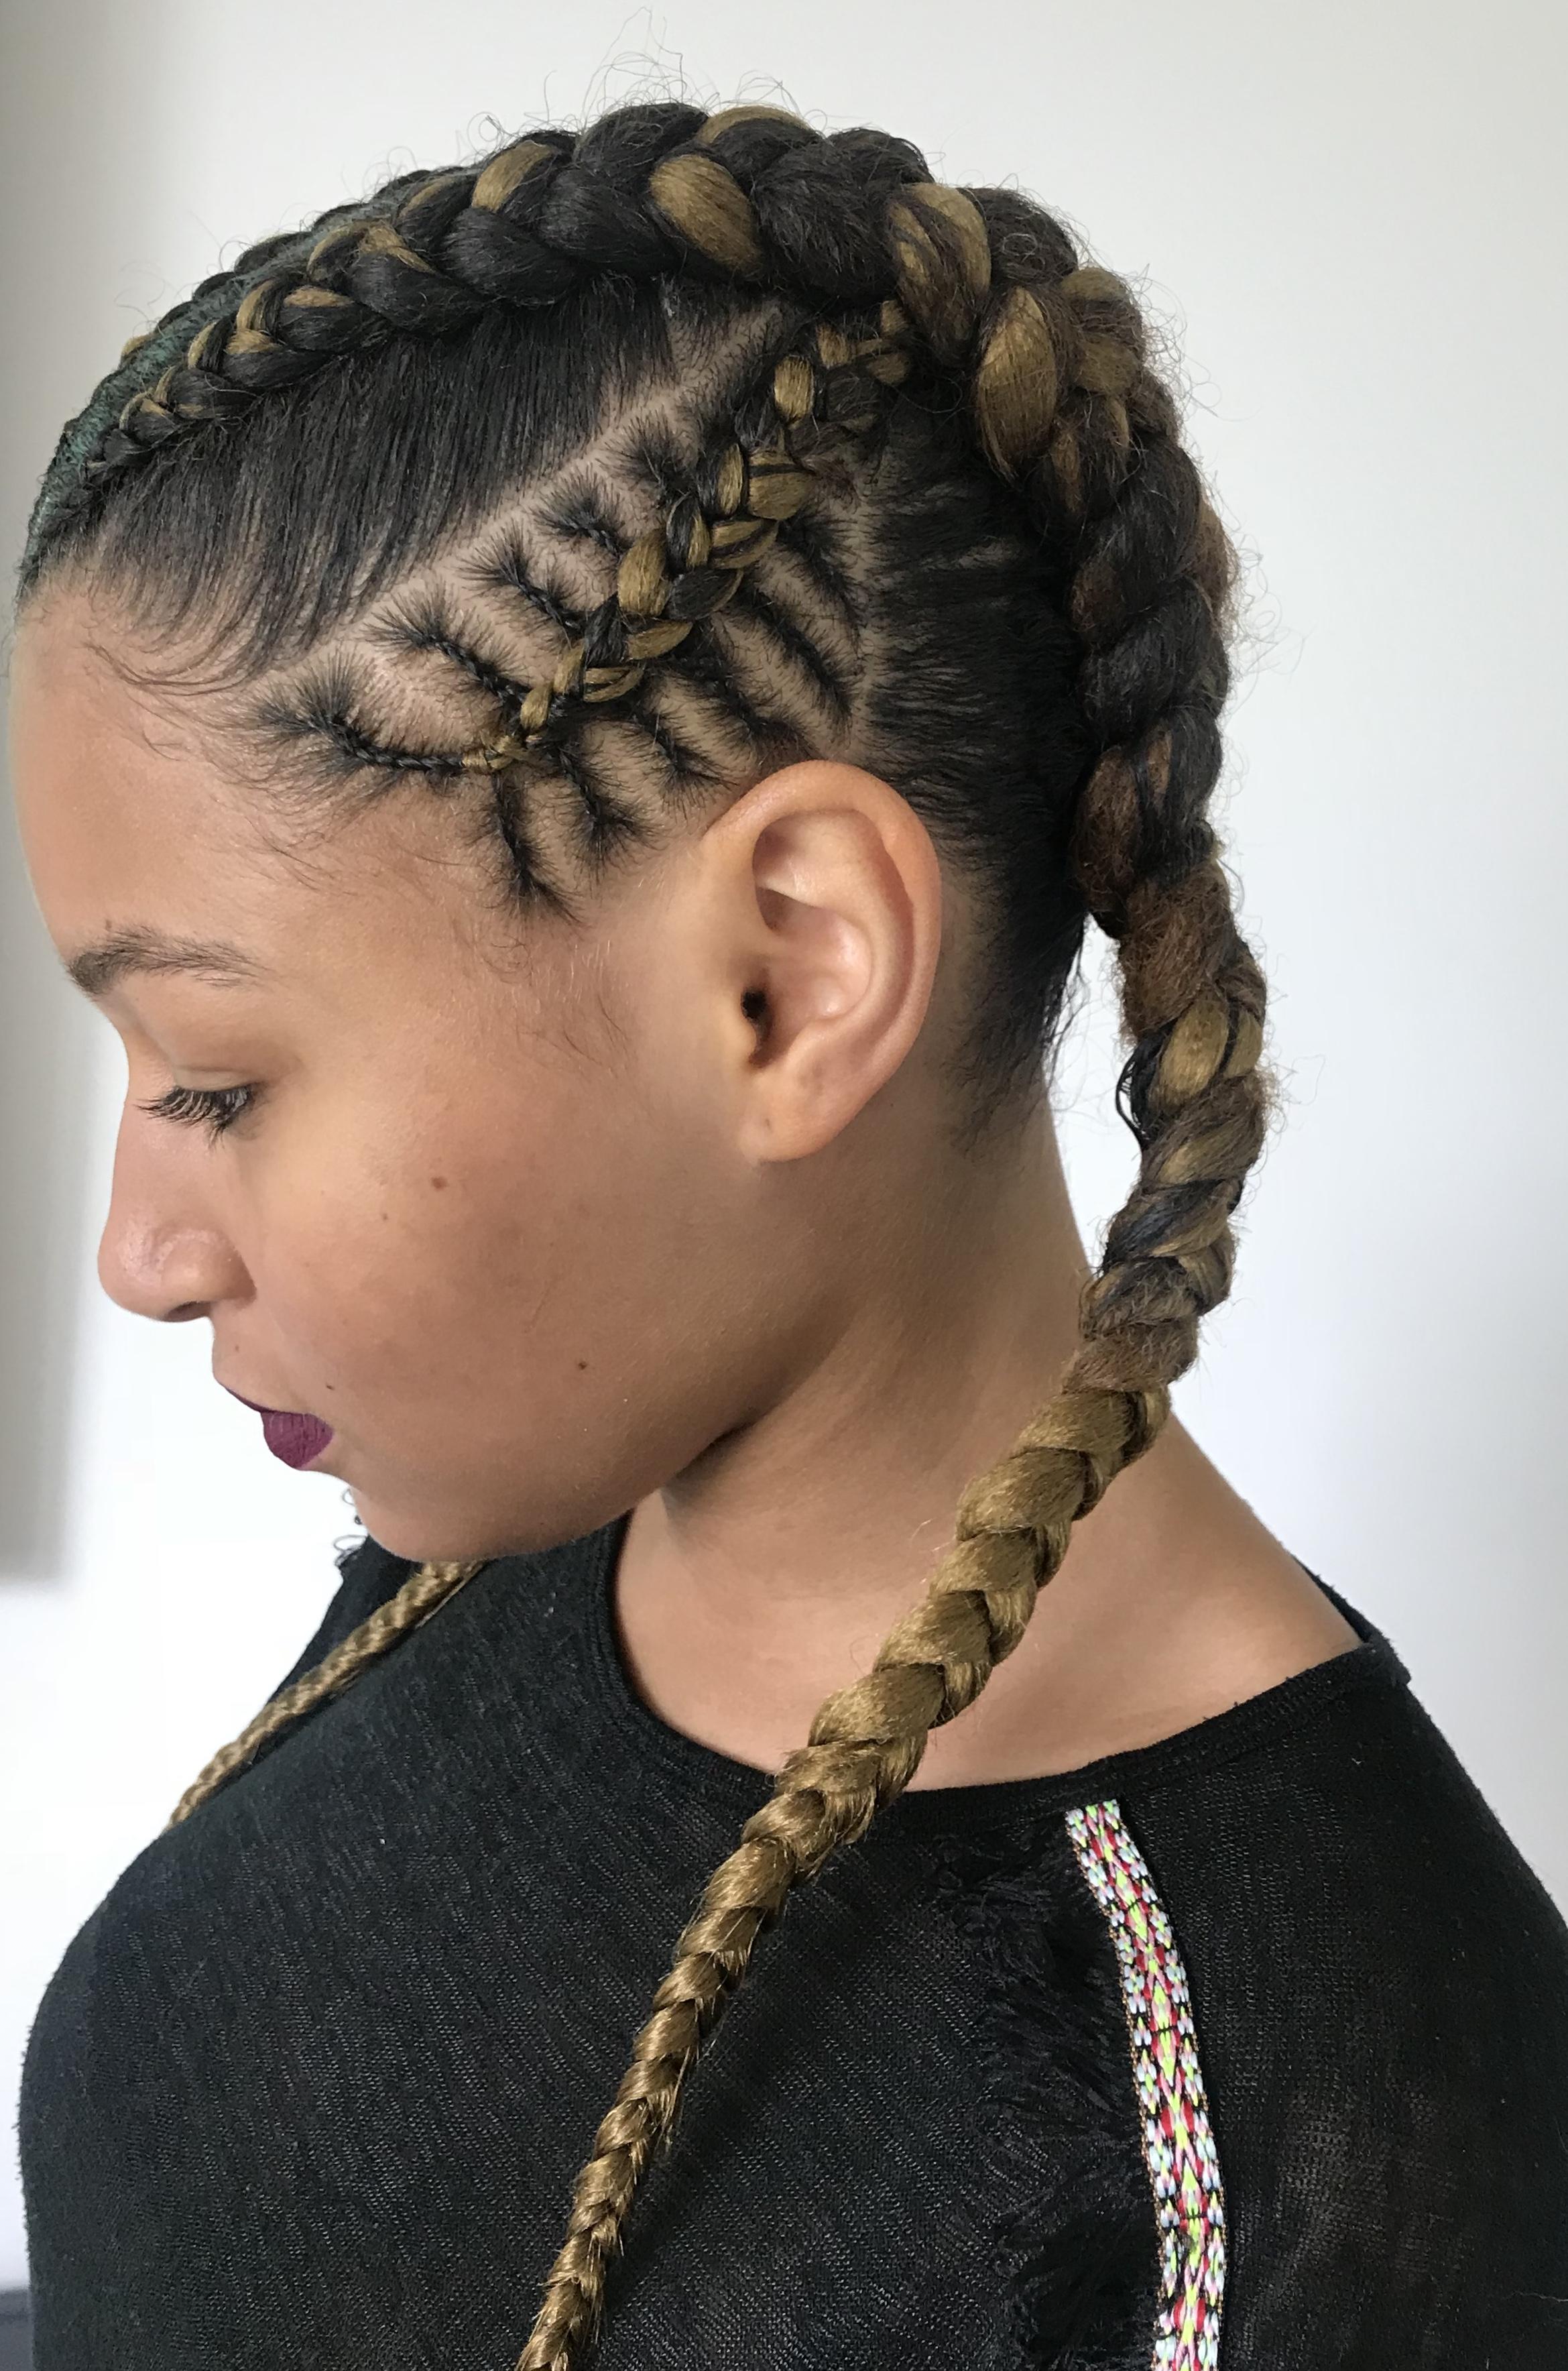 salon de coiffure afro tresse tresses box braids crochet braids vanilles tissages paris 75 77 78 91 92 93 94 95 ZXQOJMJD